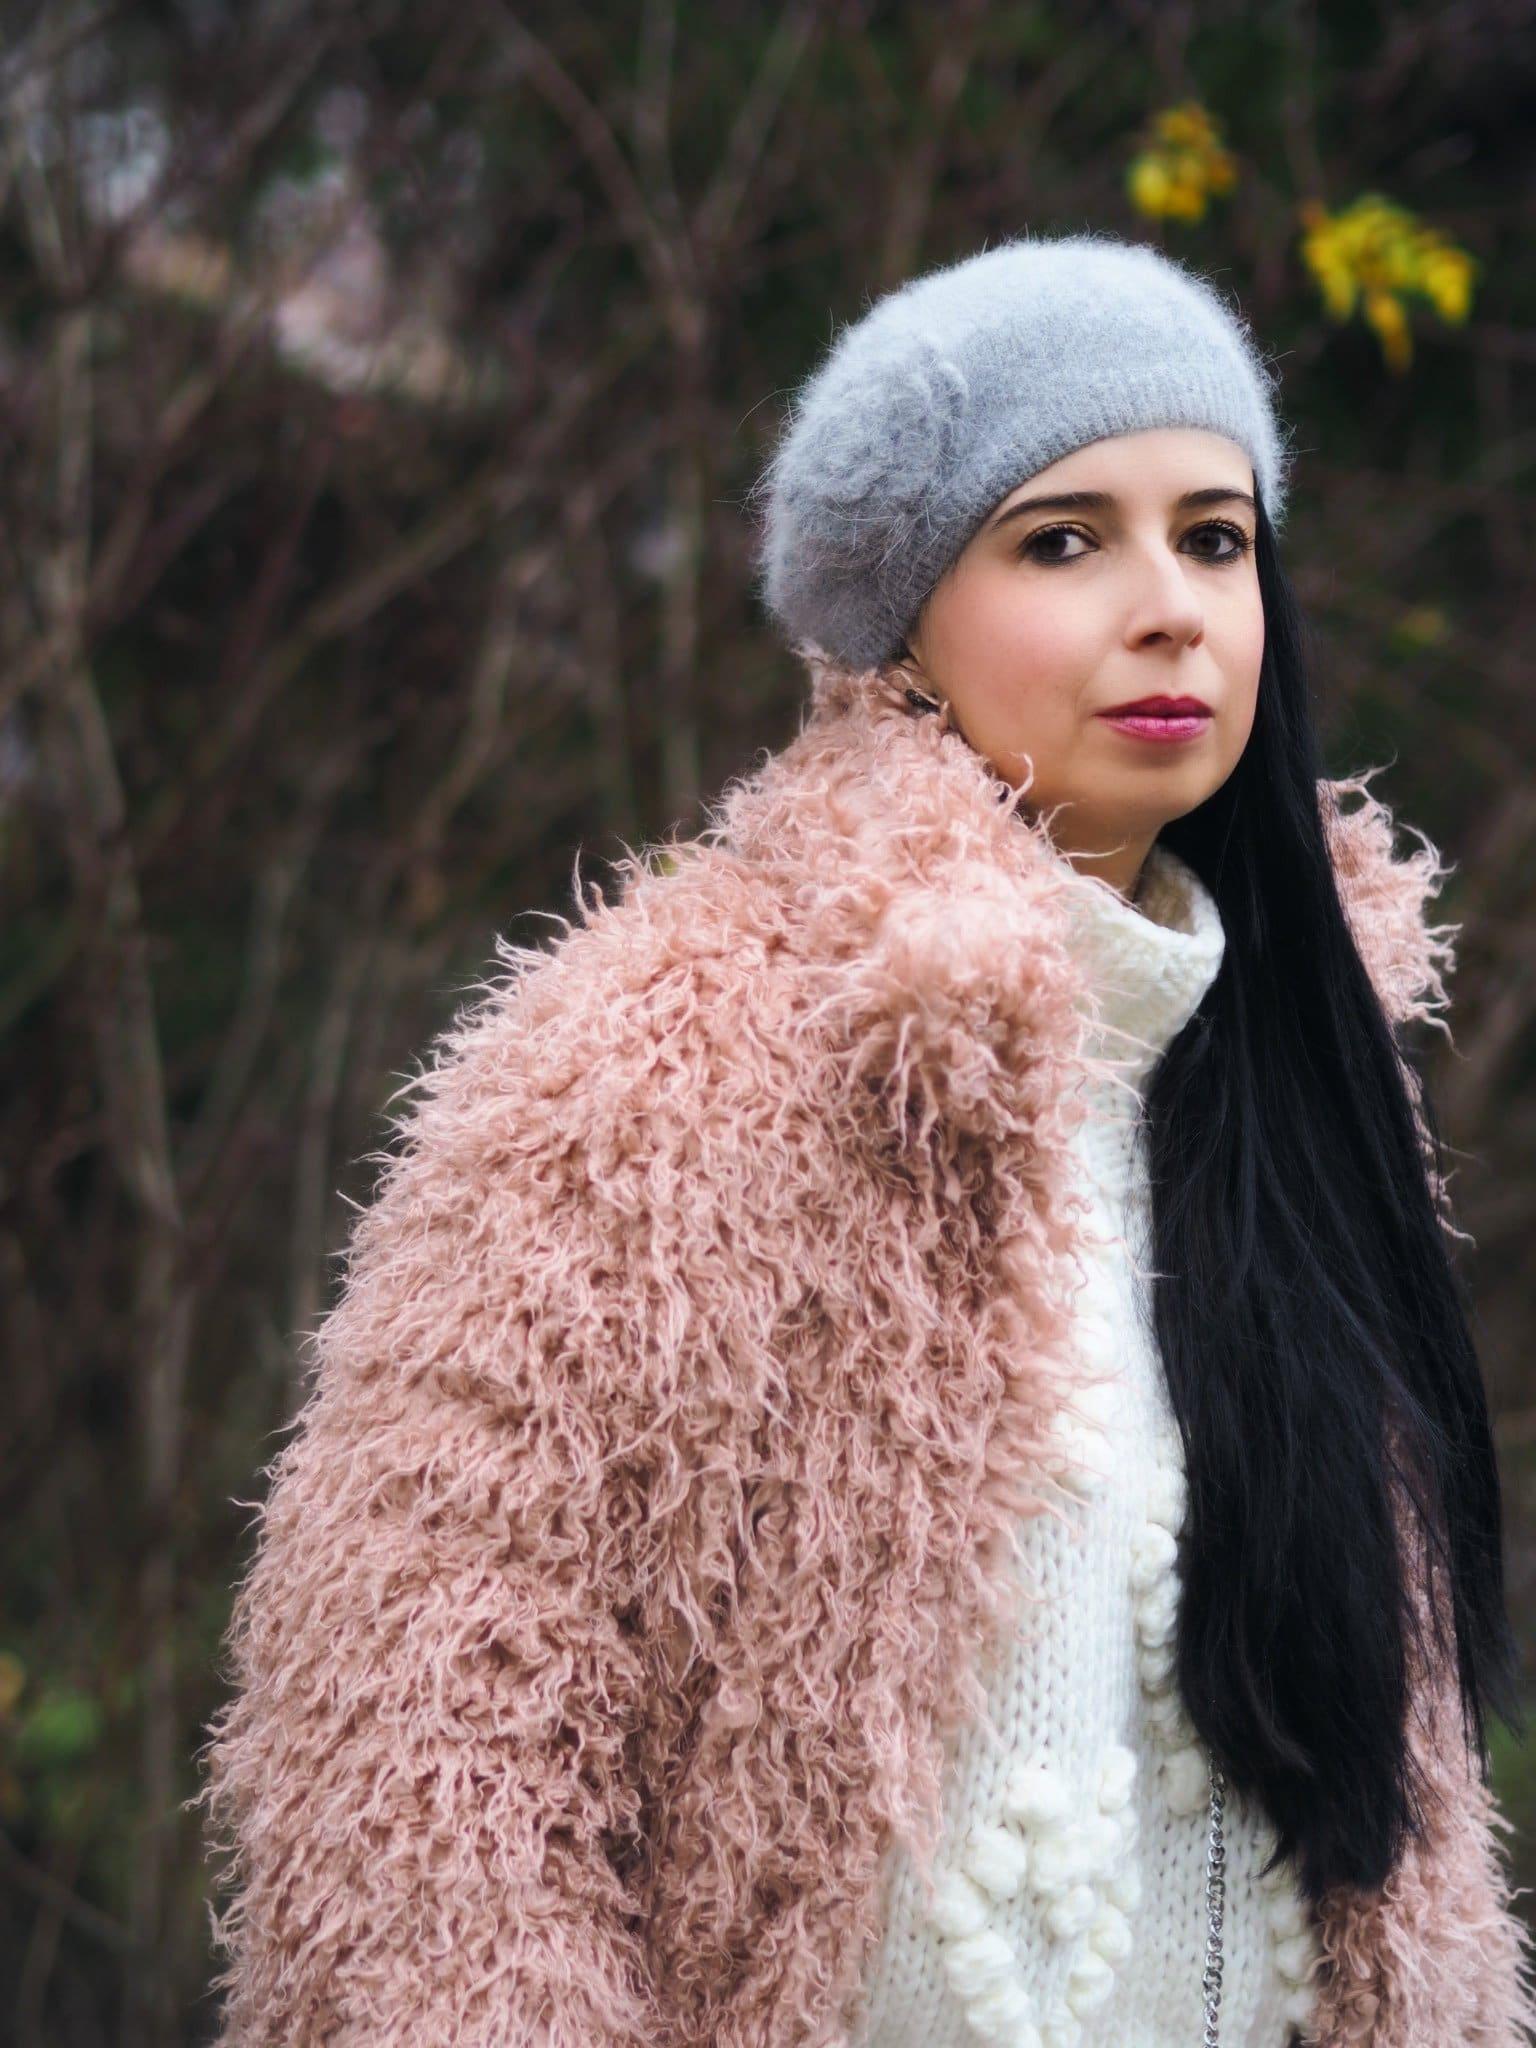 Heute zeige ich euch auf meinem Blog, dass der im Winter warm eingepackte Yeti-Look im XXL Oversize Mantel durchaus modisch und up to date aussehen kann